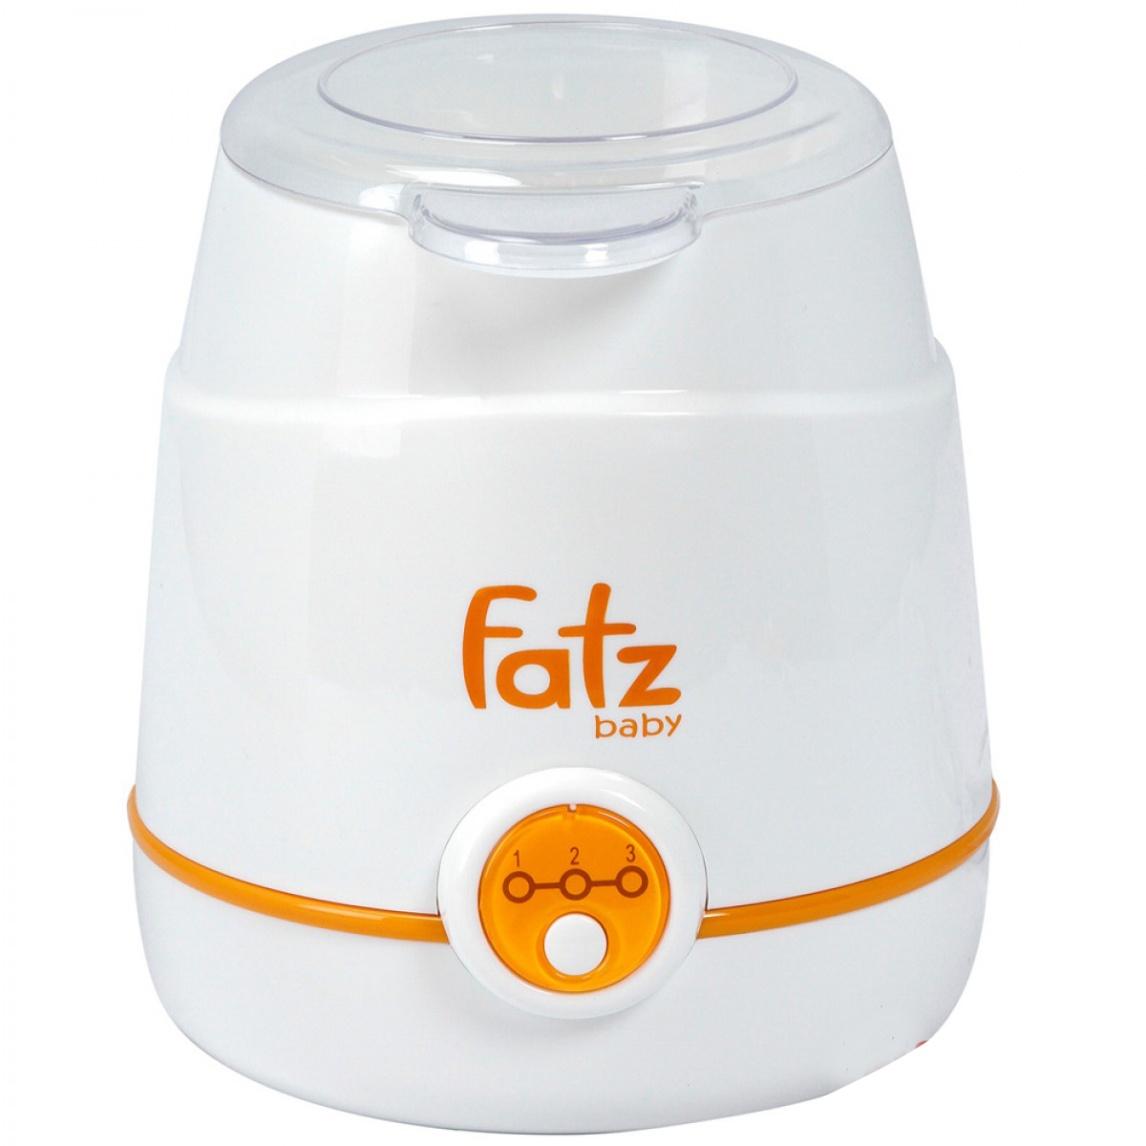 Máy hâm sữa Fatzbabyphù hợp với mọi bình sữa